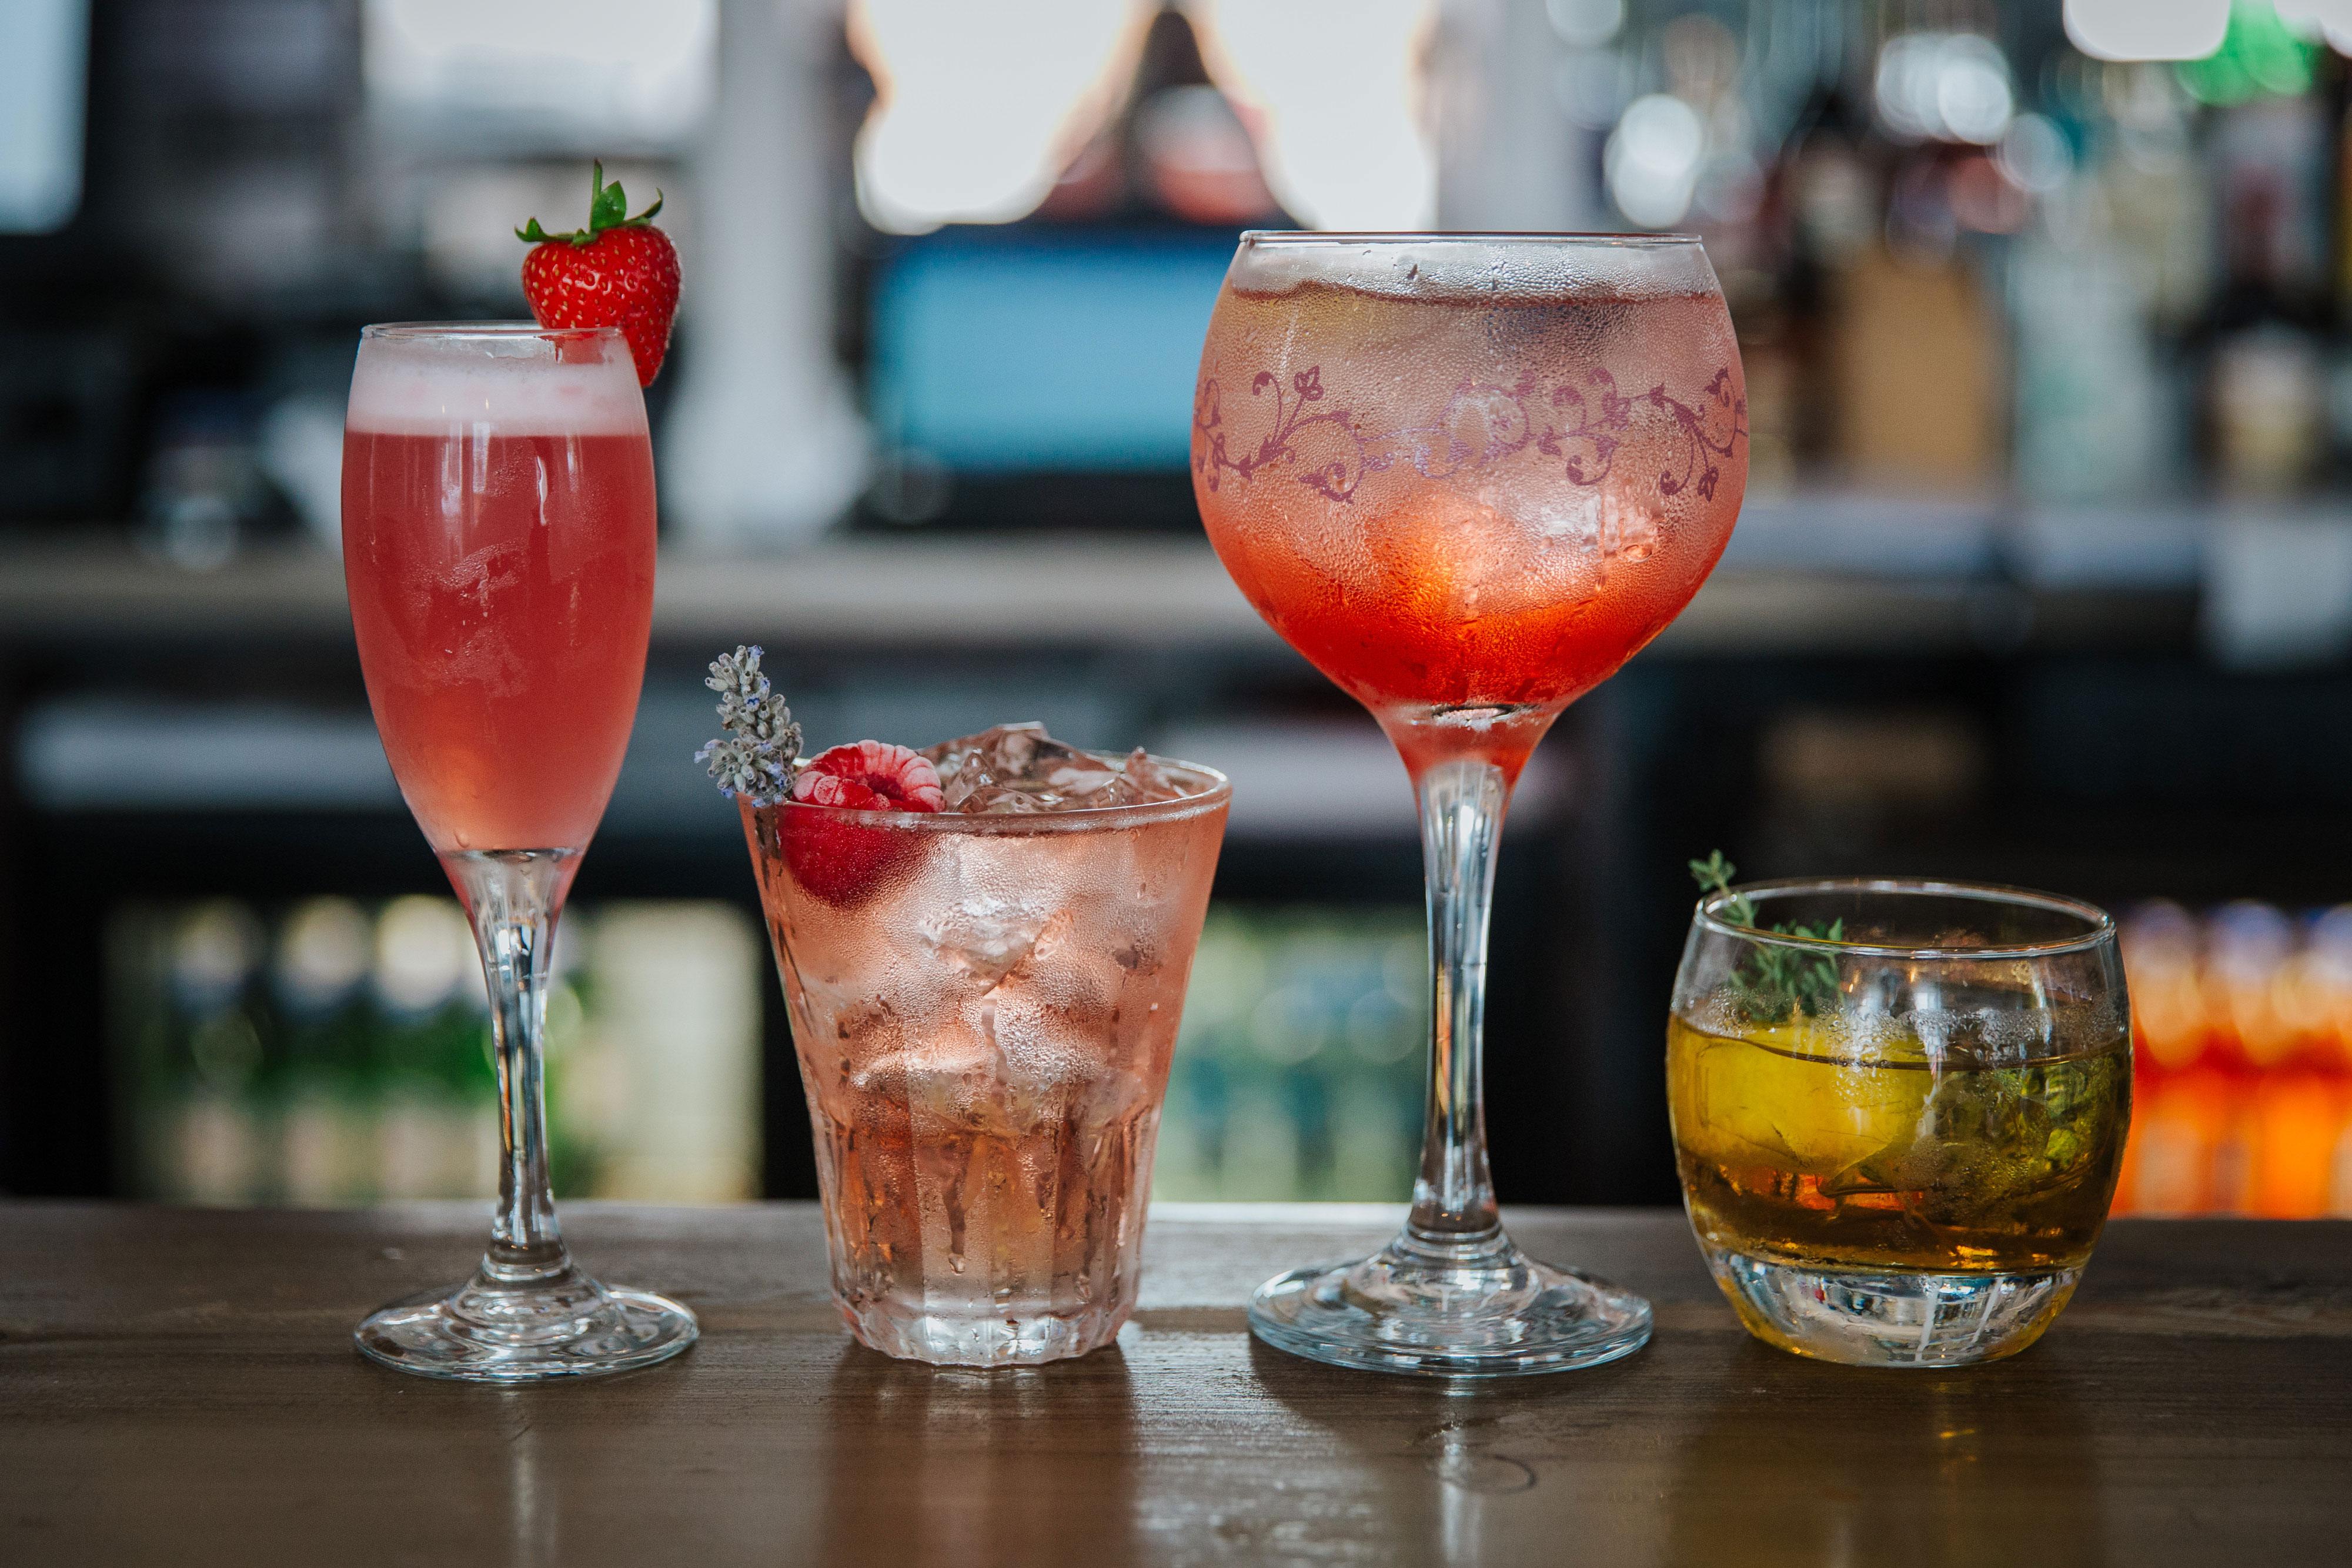 The Botany Cocktails Maryhill